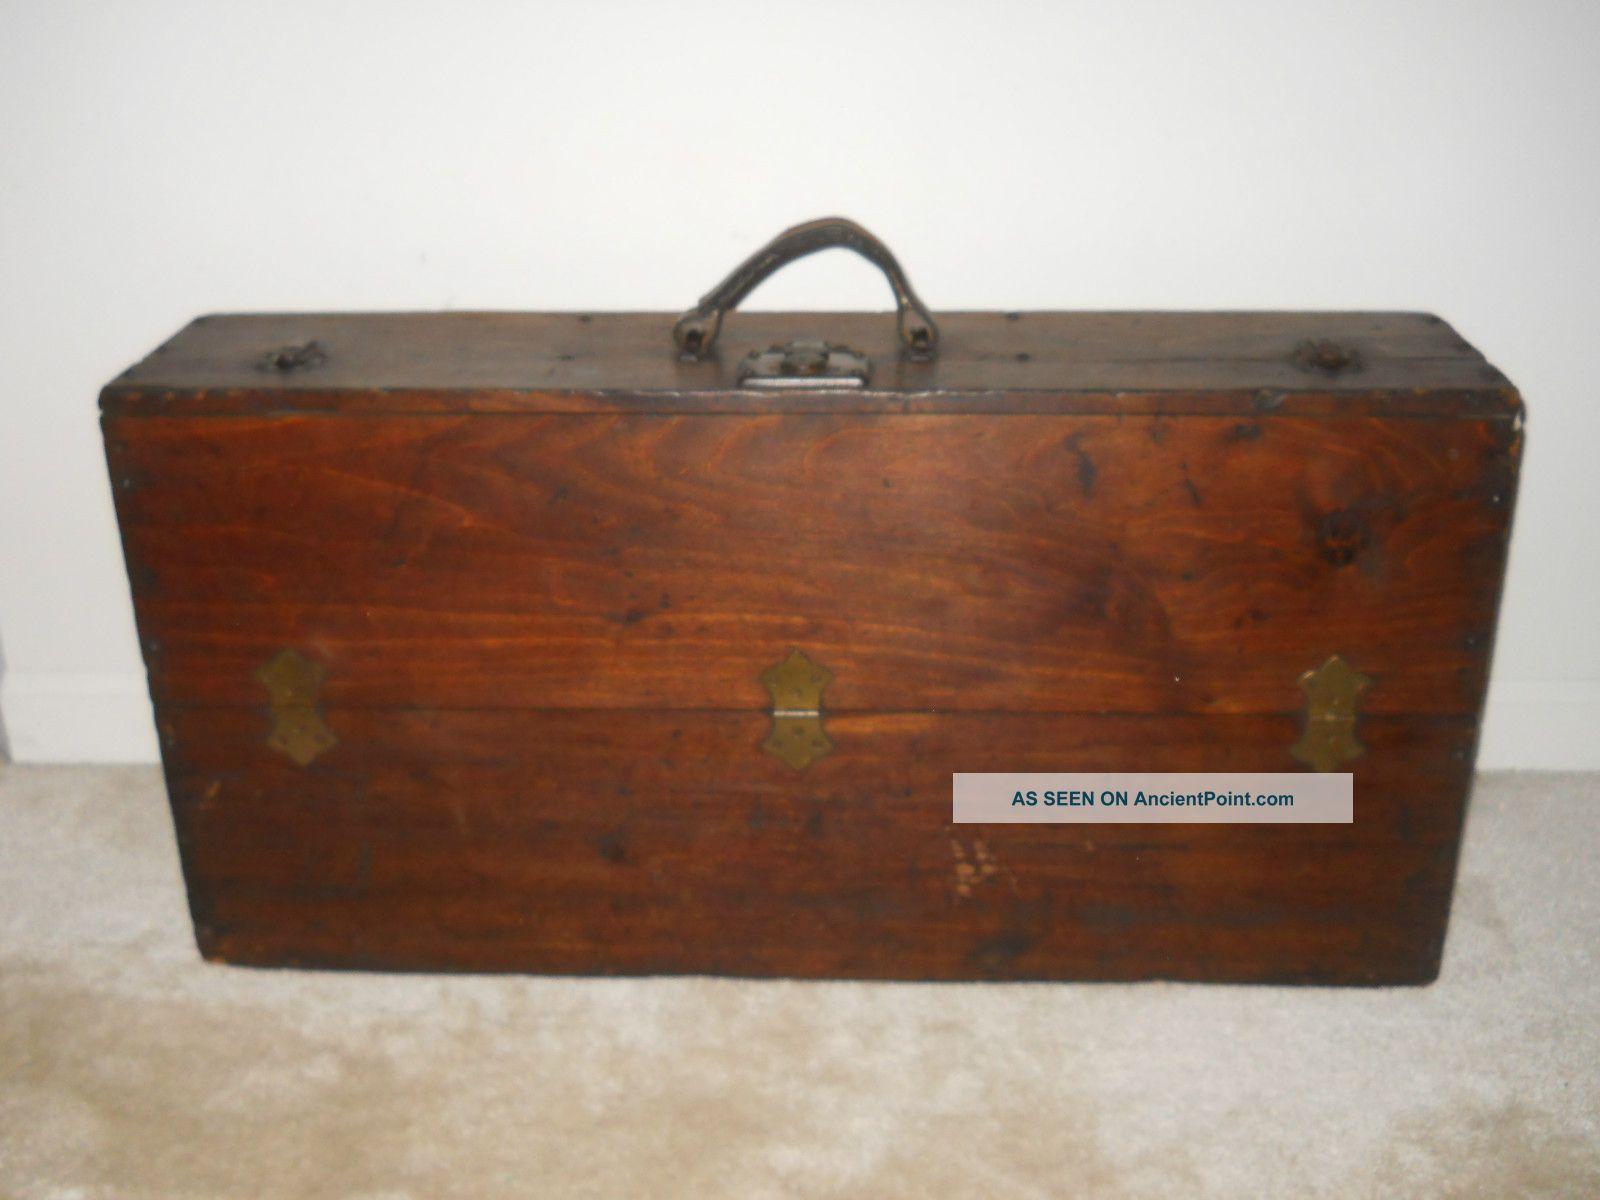 Vintage Wood Tool Caddy